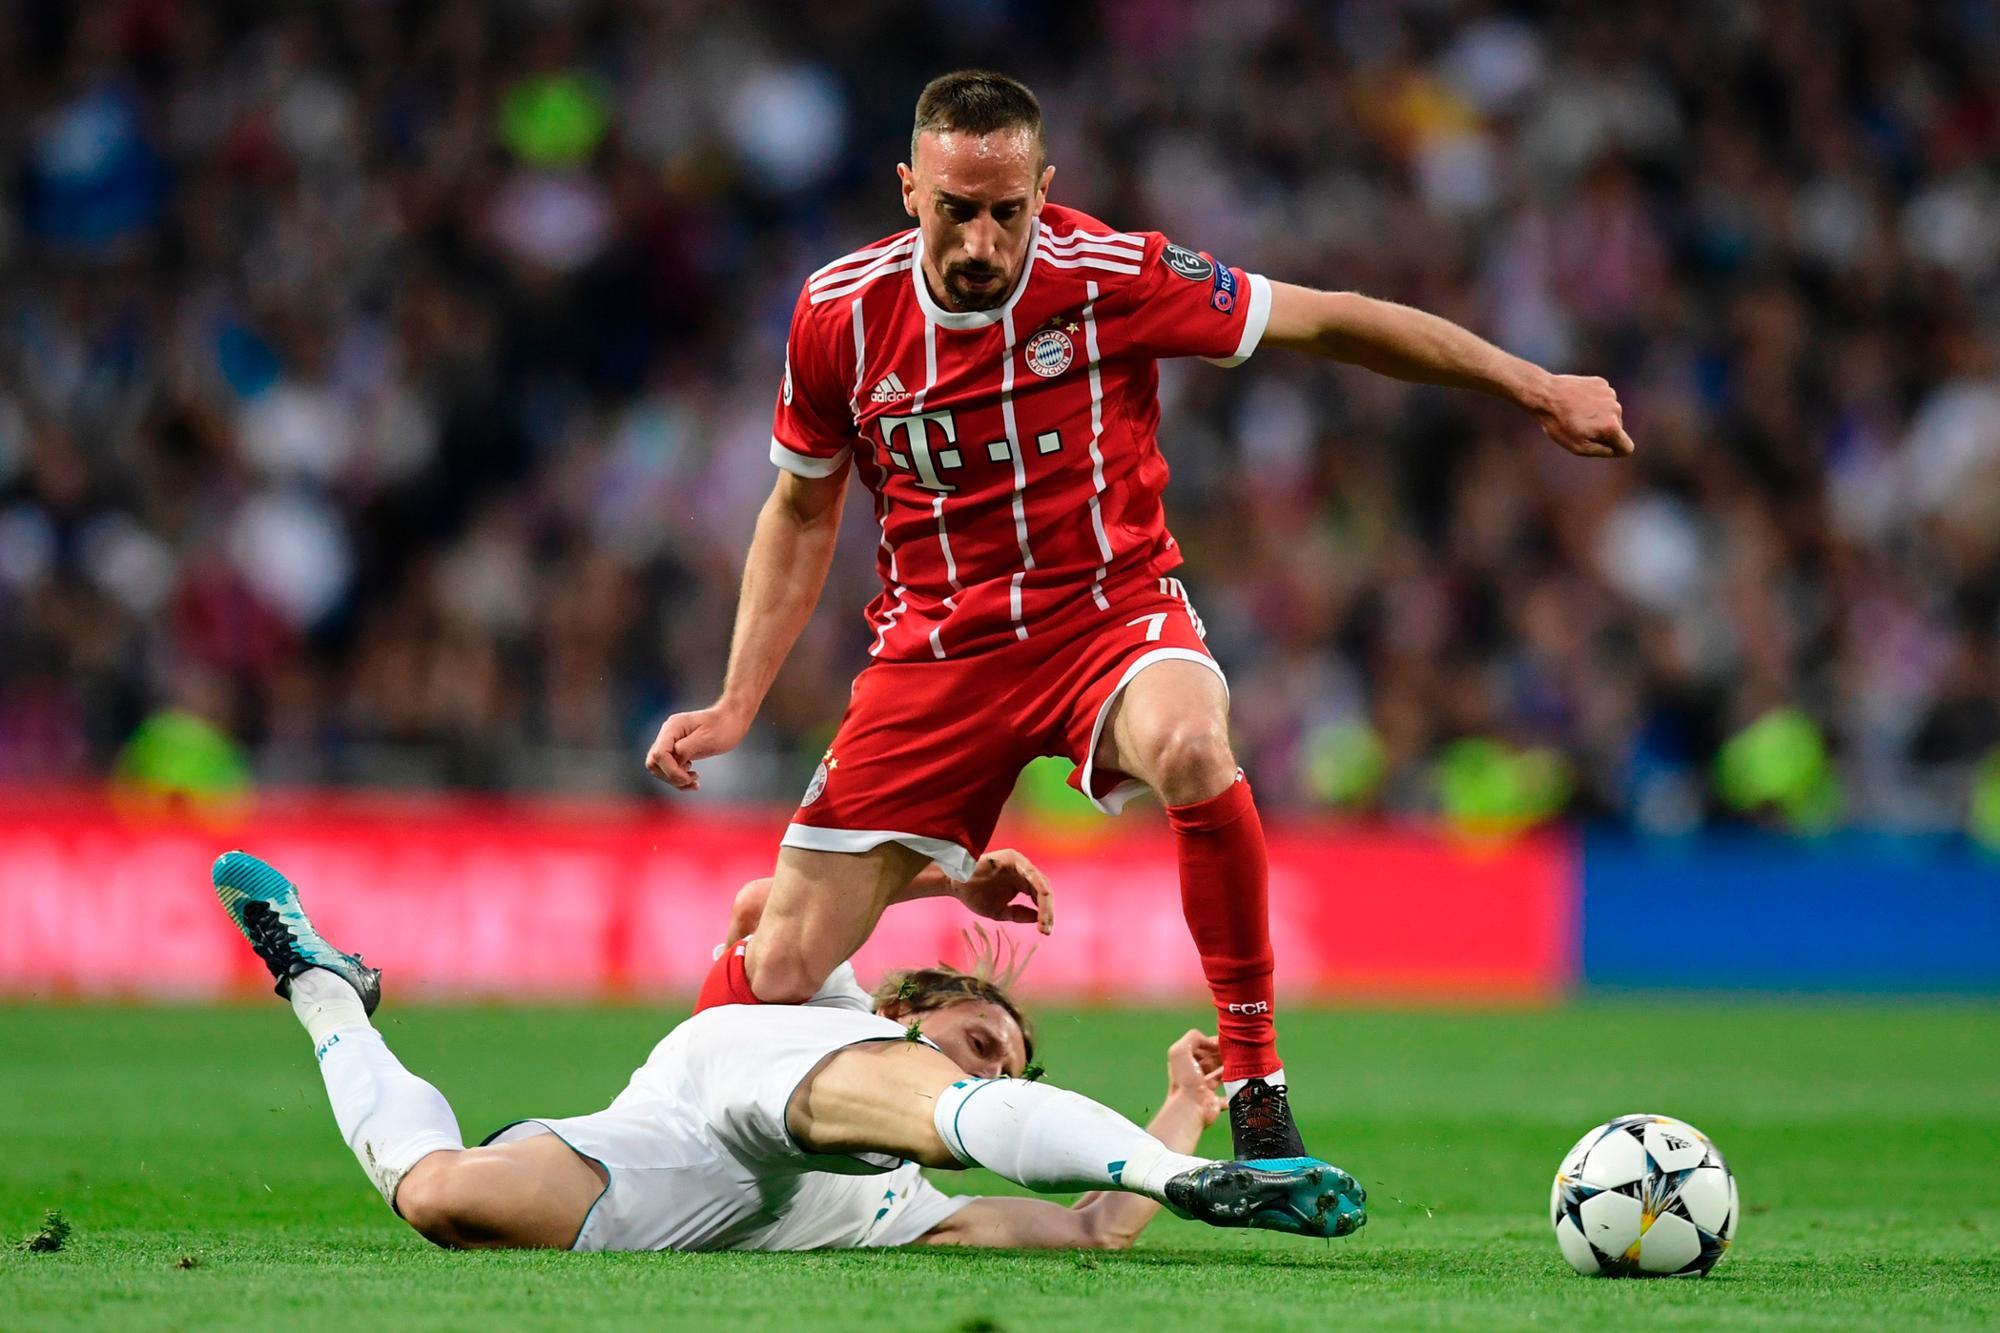 里贝里:欧冠挫折会让球队坚定夺取德国杯的信心